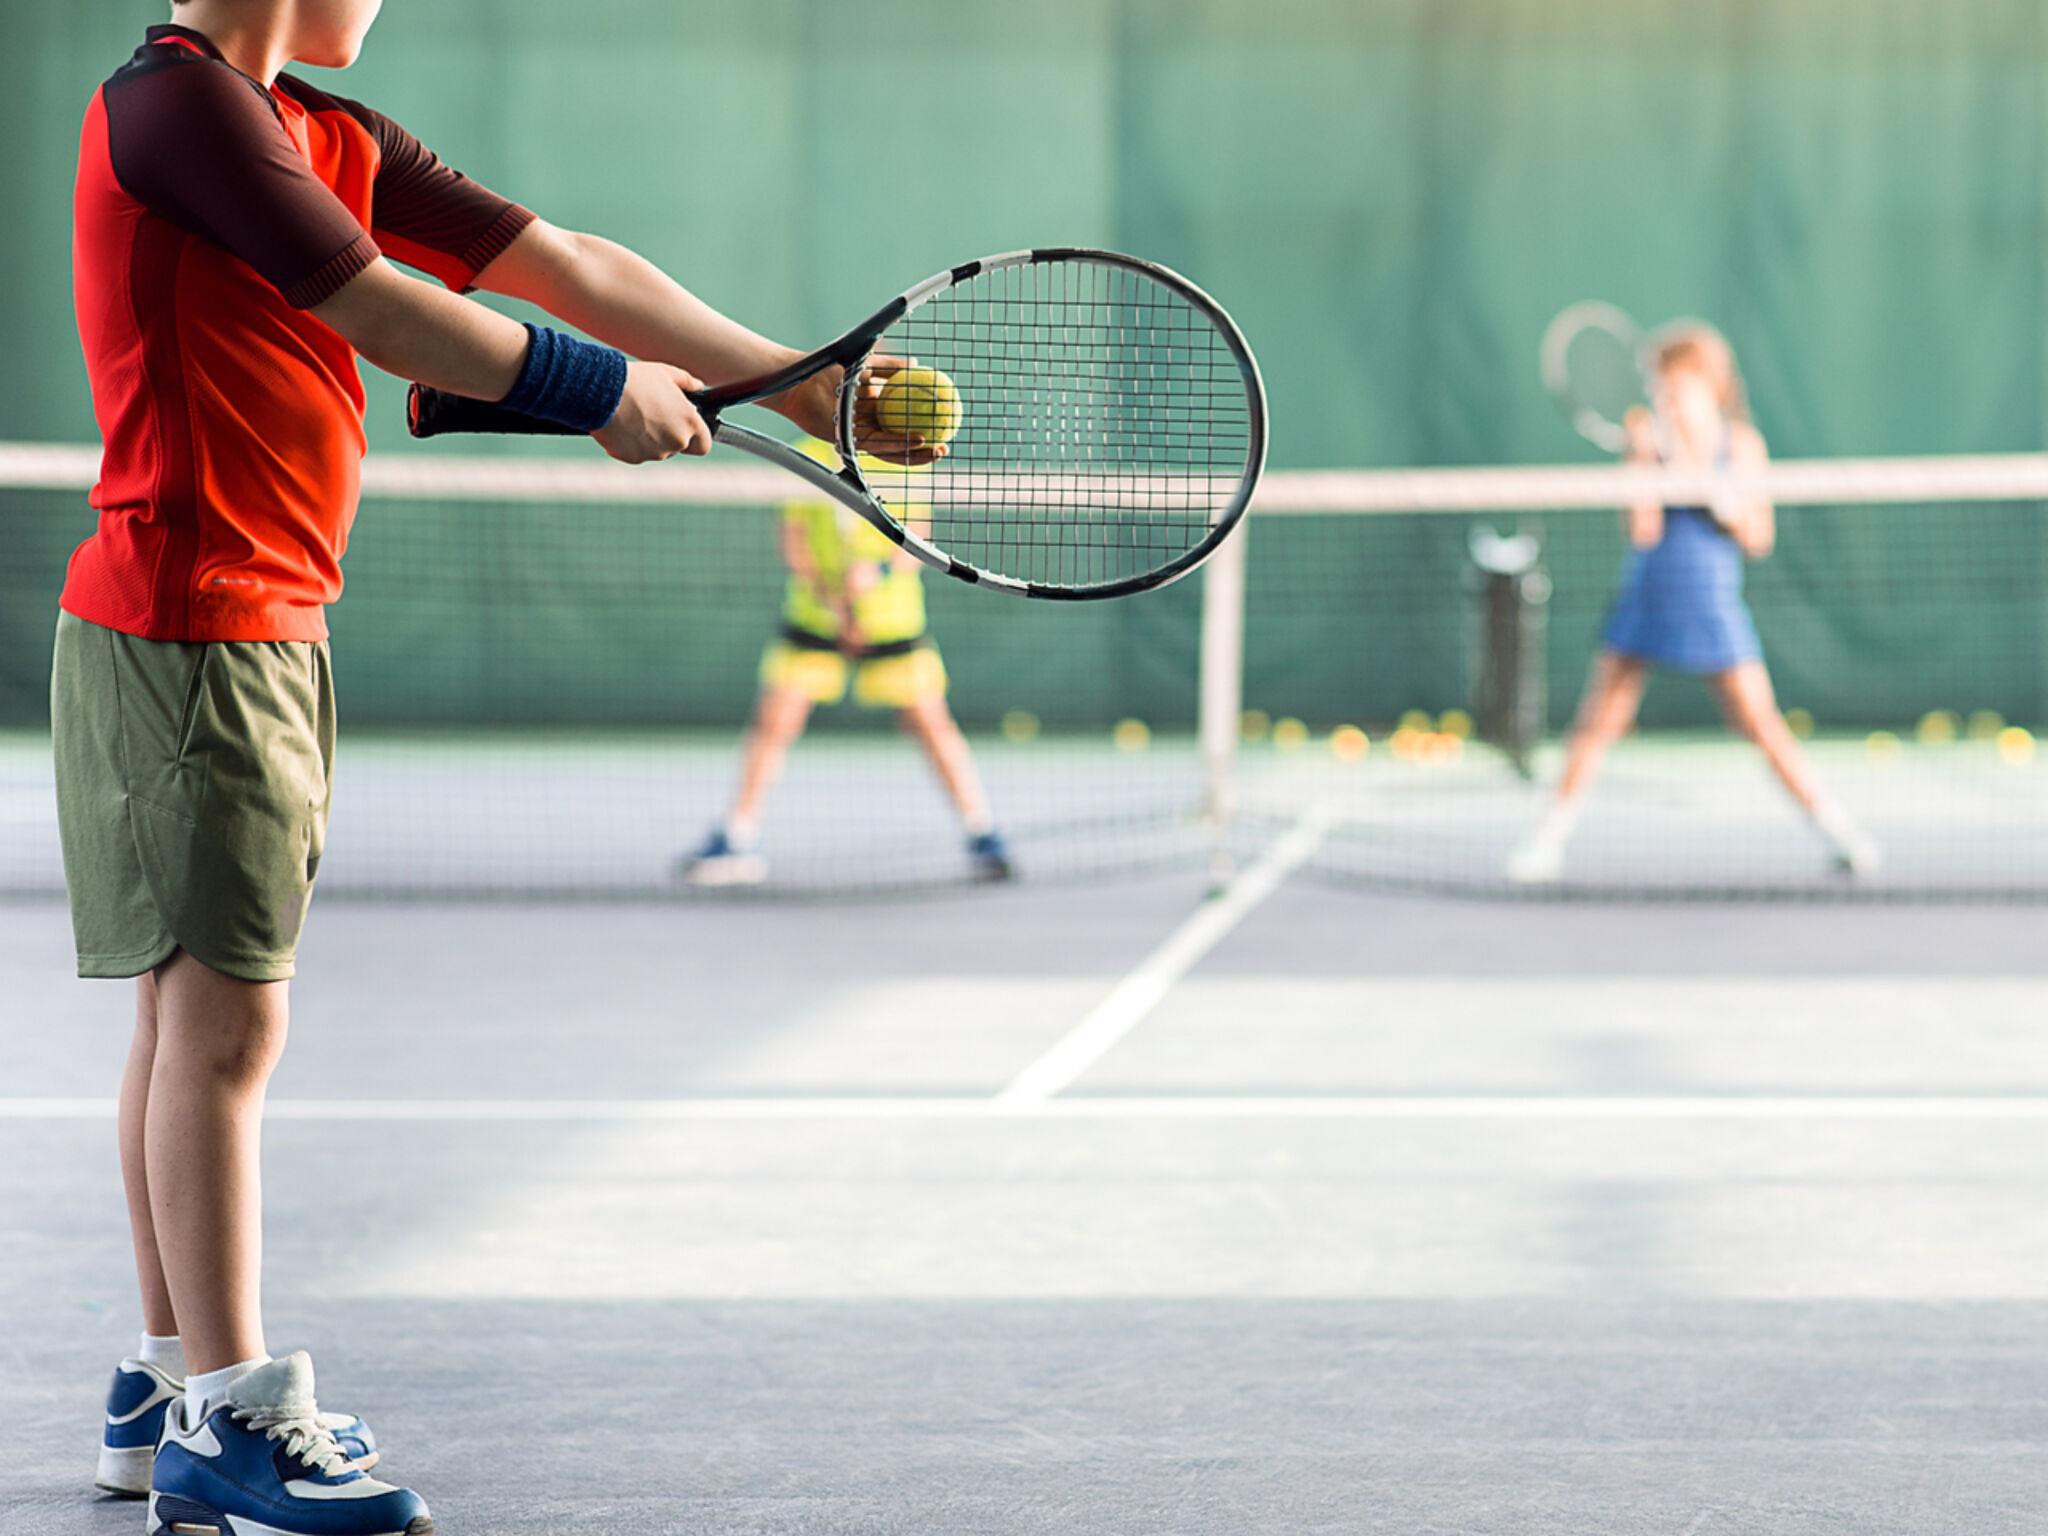 子ども3人がテニスをしている画像